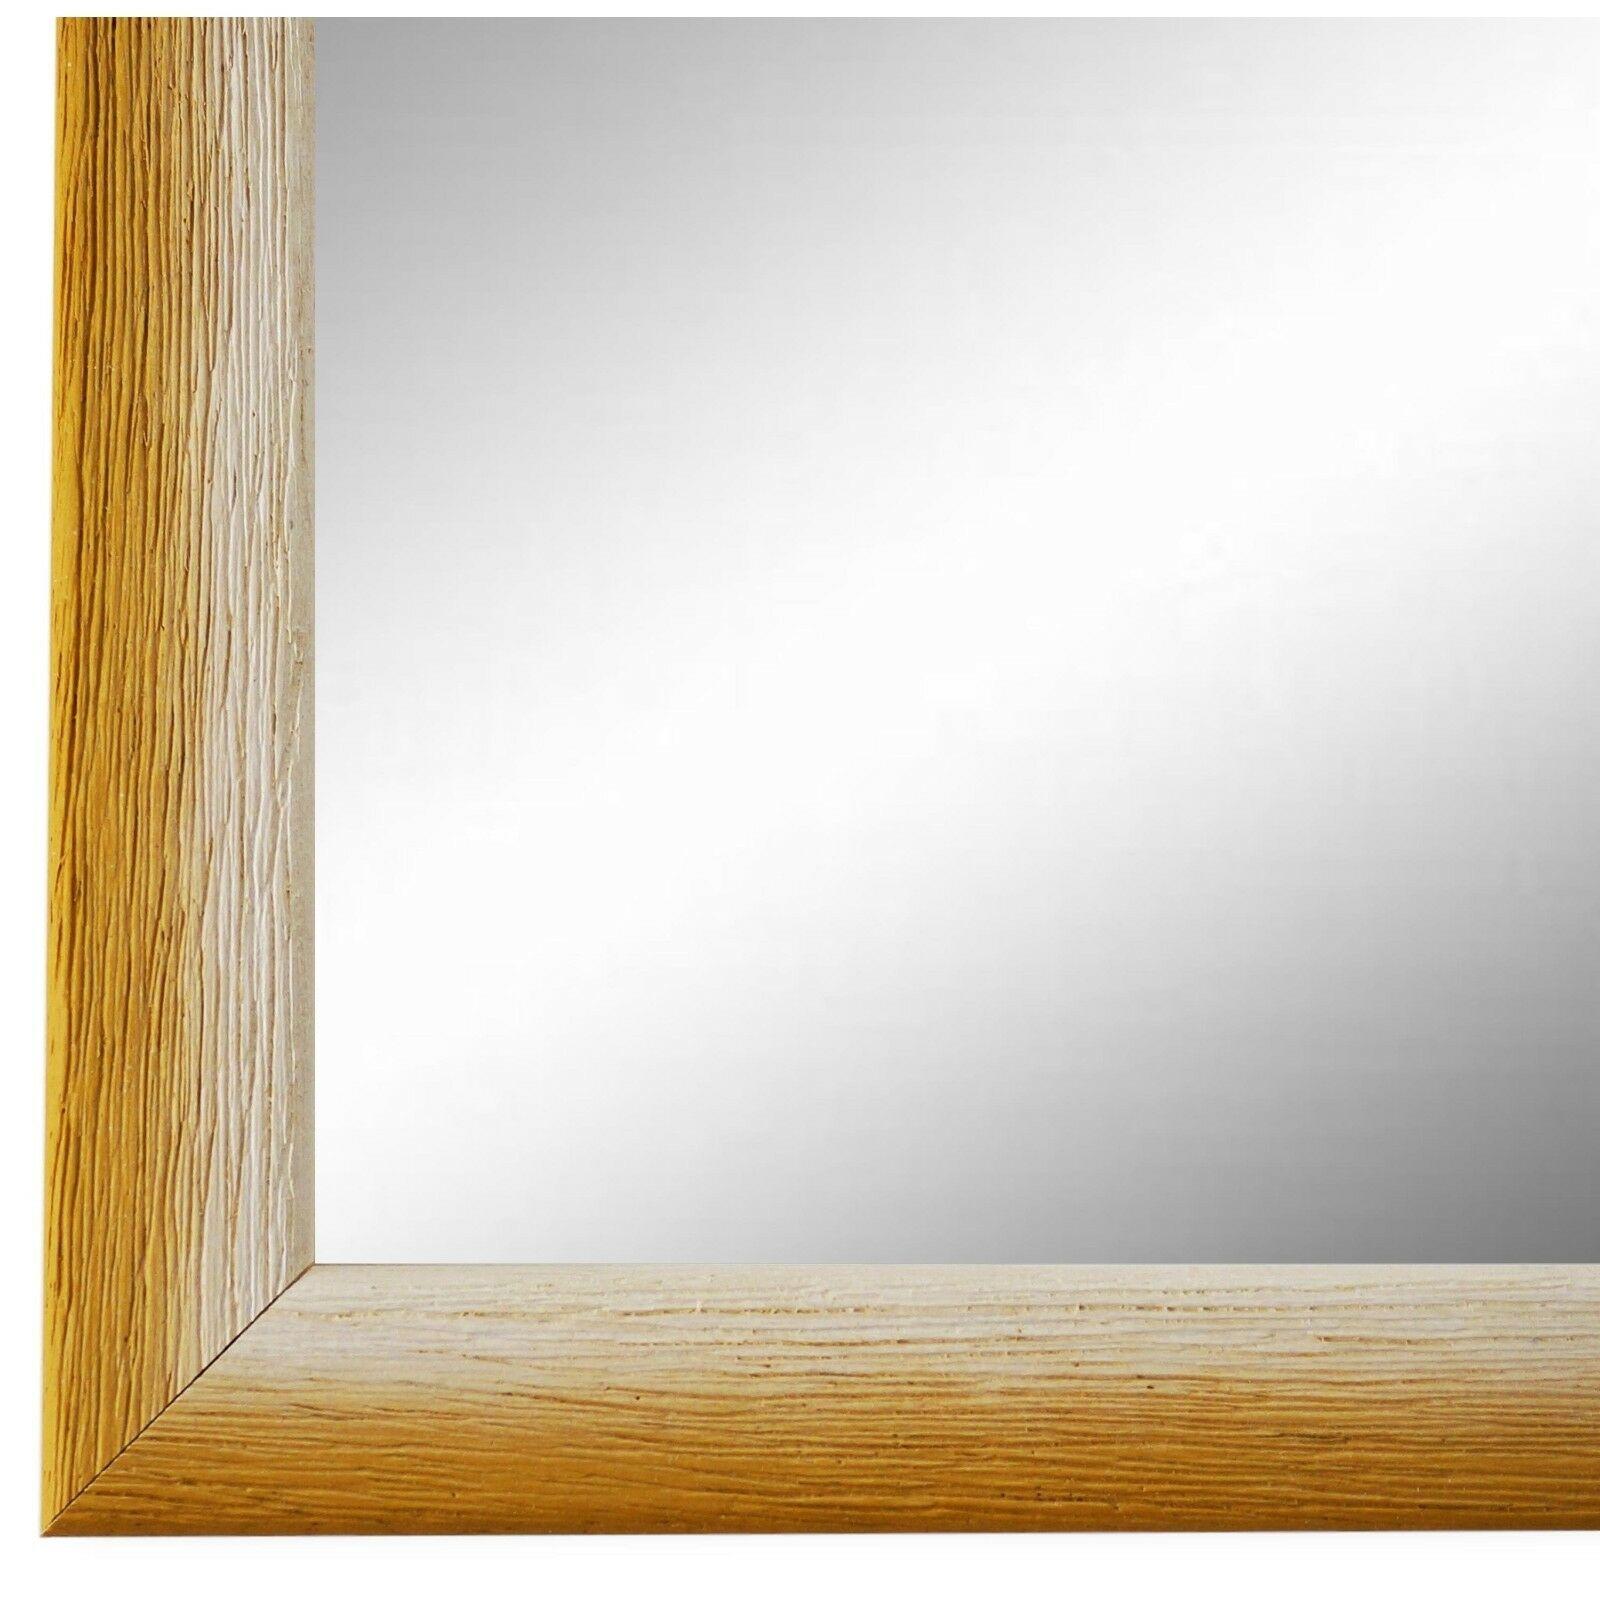 Wandspiegel Spiegel Gelb Weiss Retro Vintage Holz Pinerolo 2, 3 ...